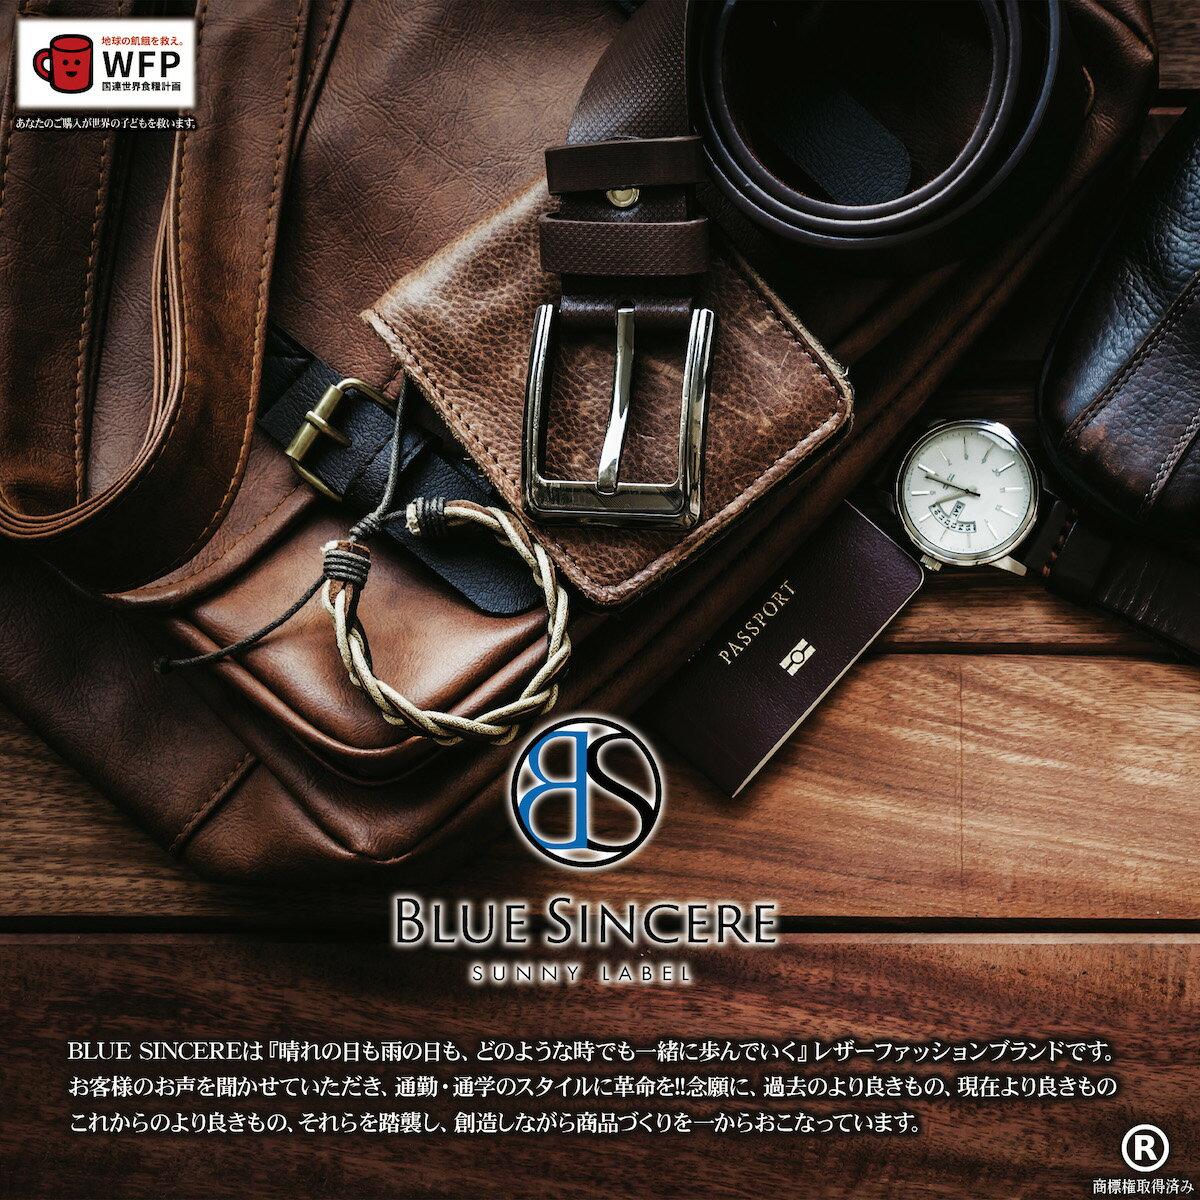 BLUESINCERE『定期入れスリムタイプ(PC1)』